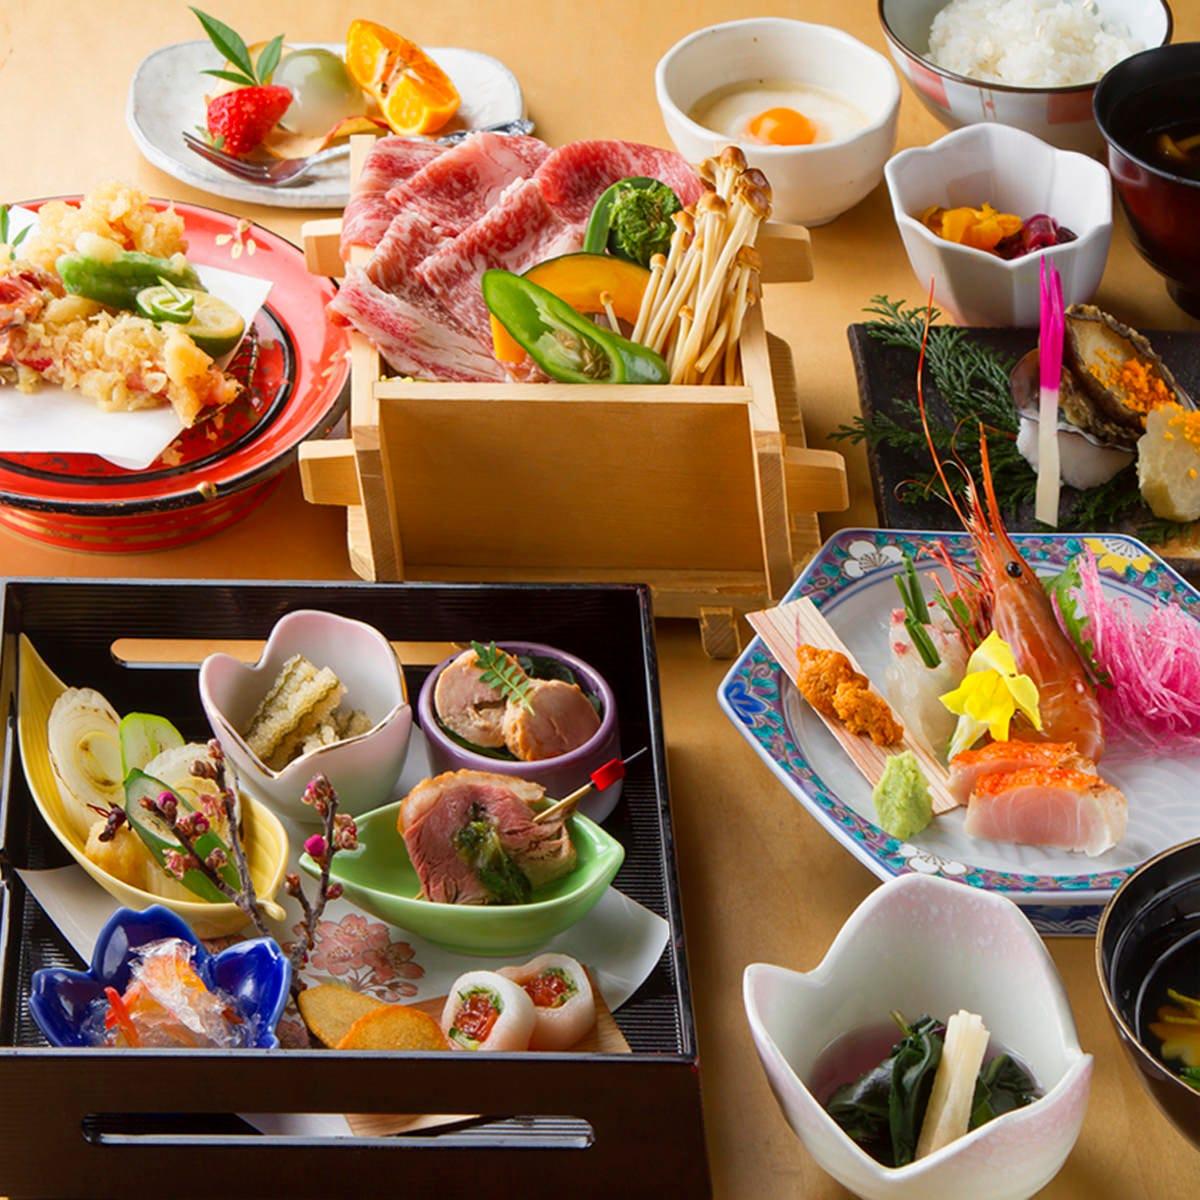 【旬の食材】を使用した季節感のあるお料理をご提供